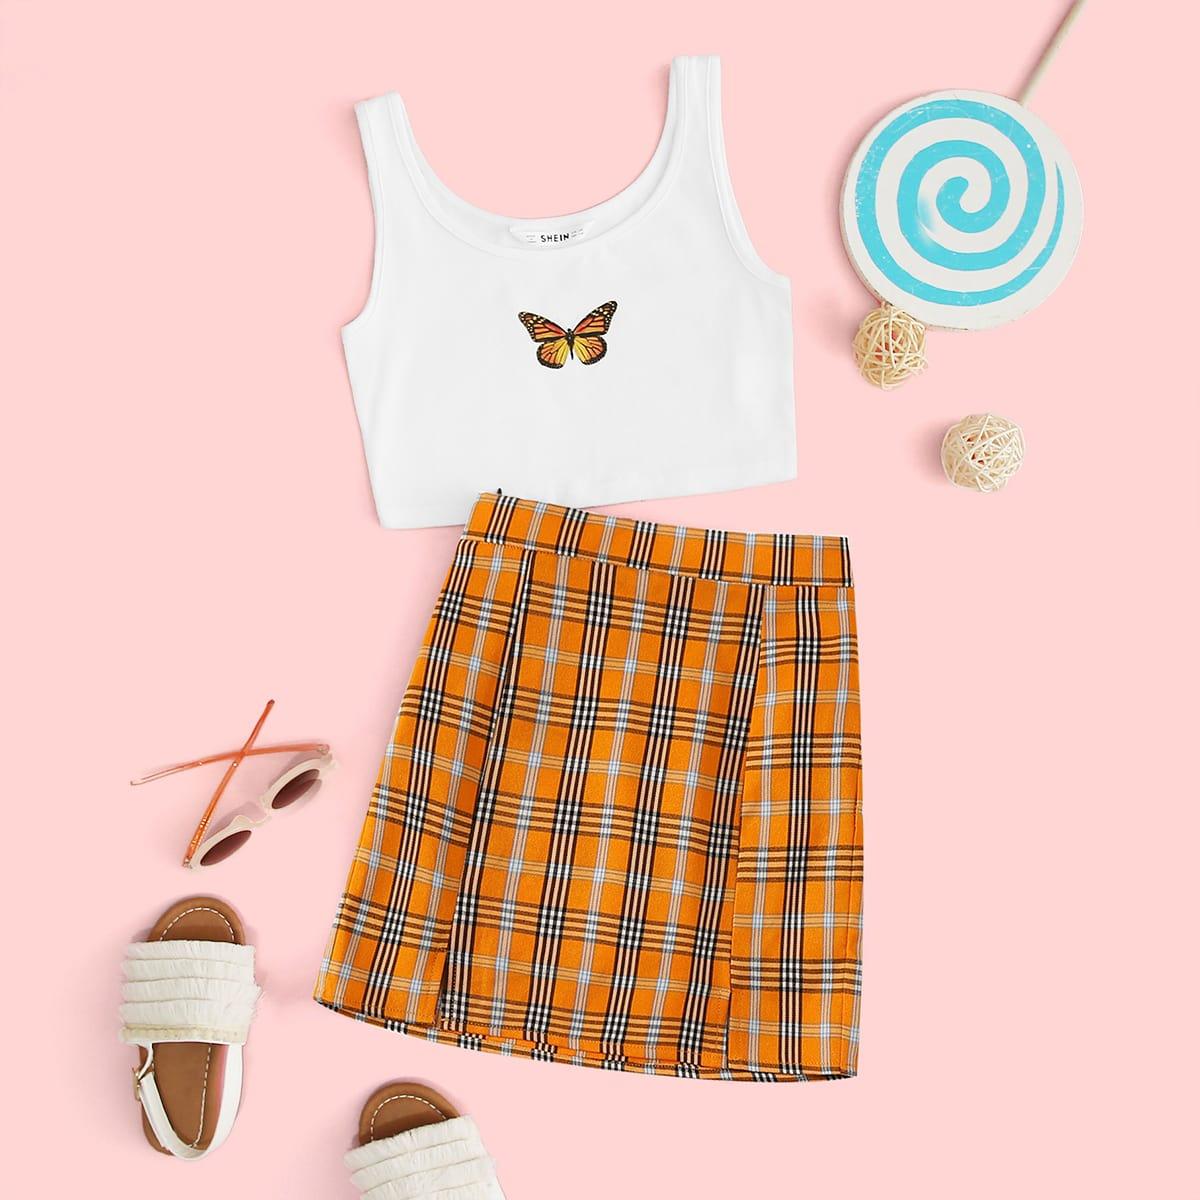 SHEIN / Mädchen Tank Top mit Schmetterling Muster und Rock Set